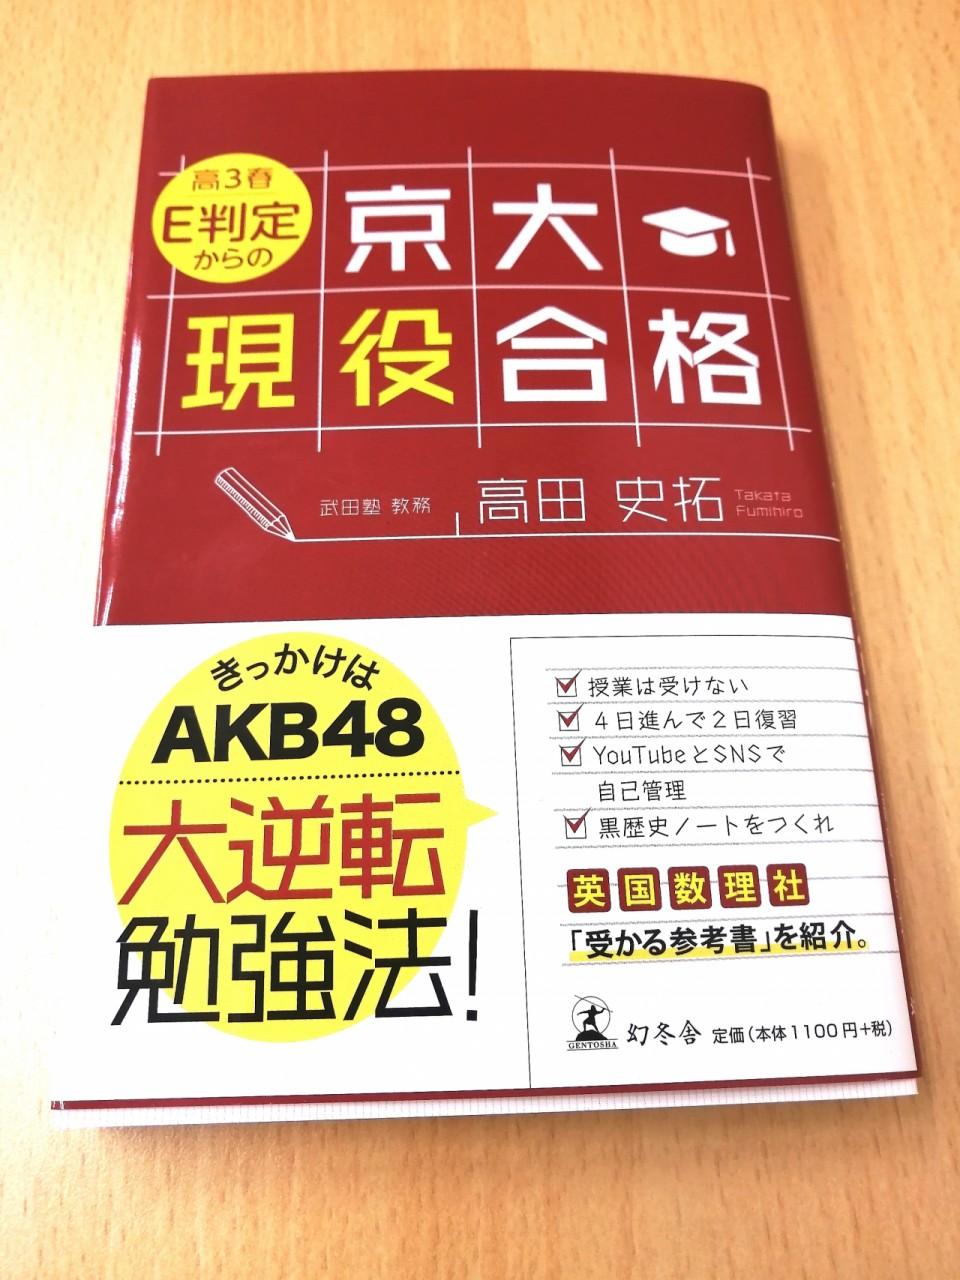 高3春E判定からの京大現役合格